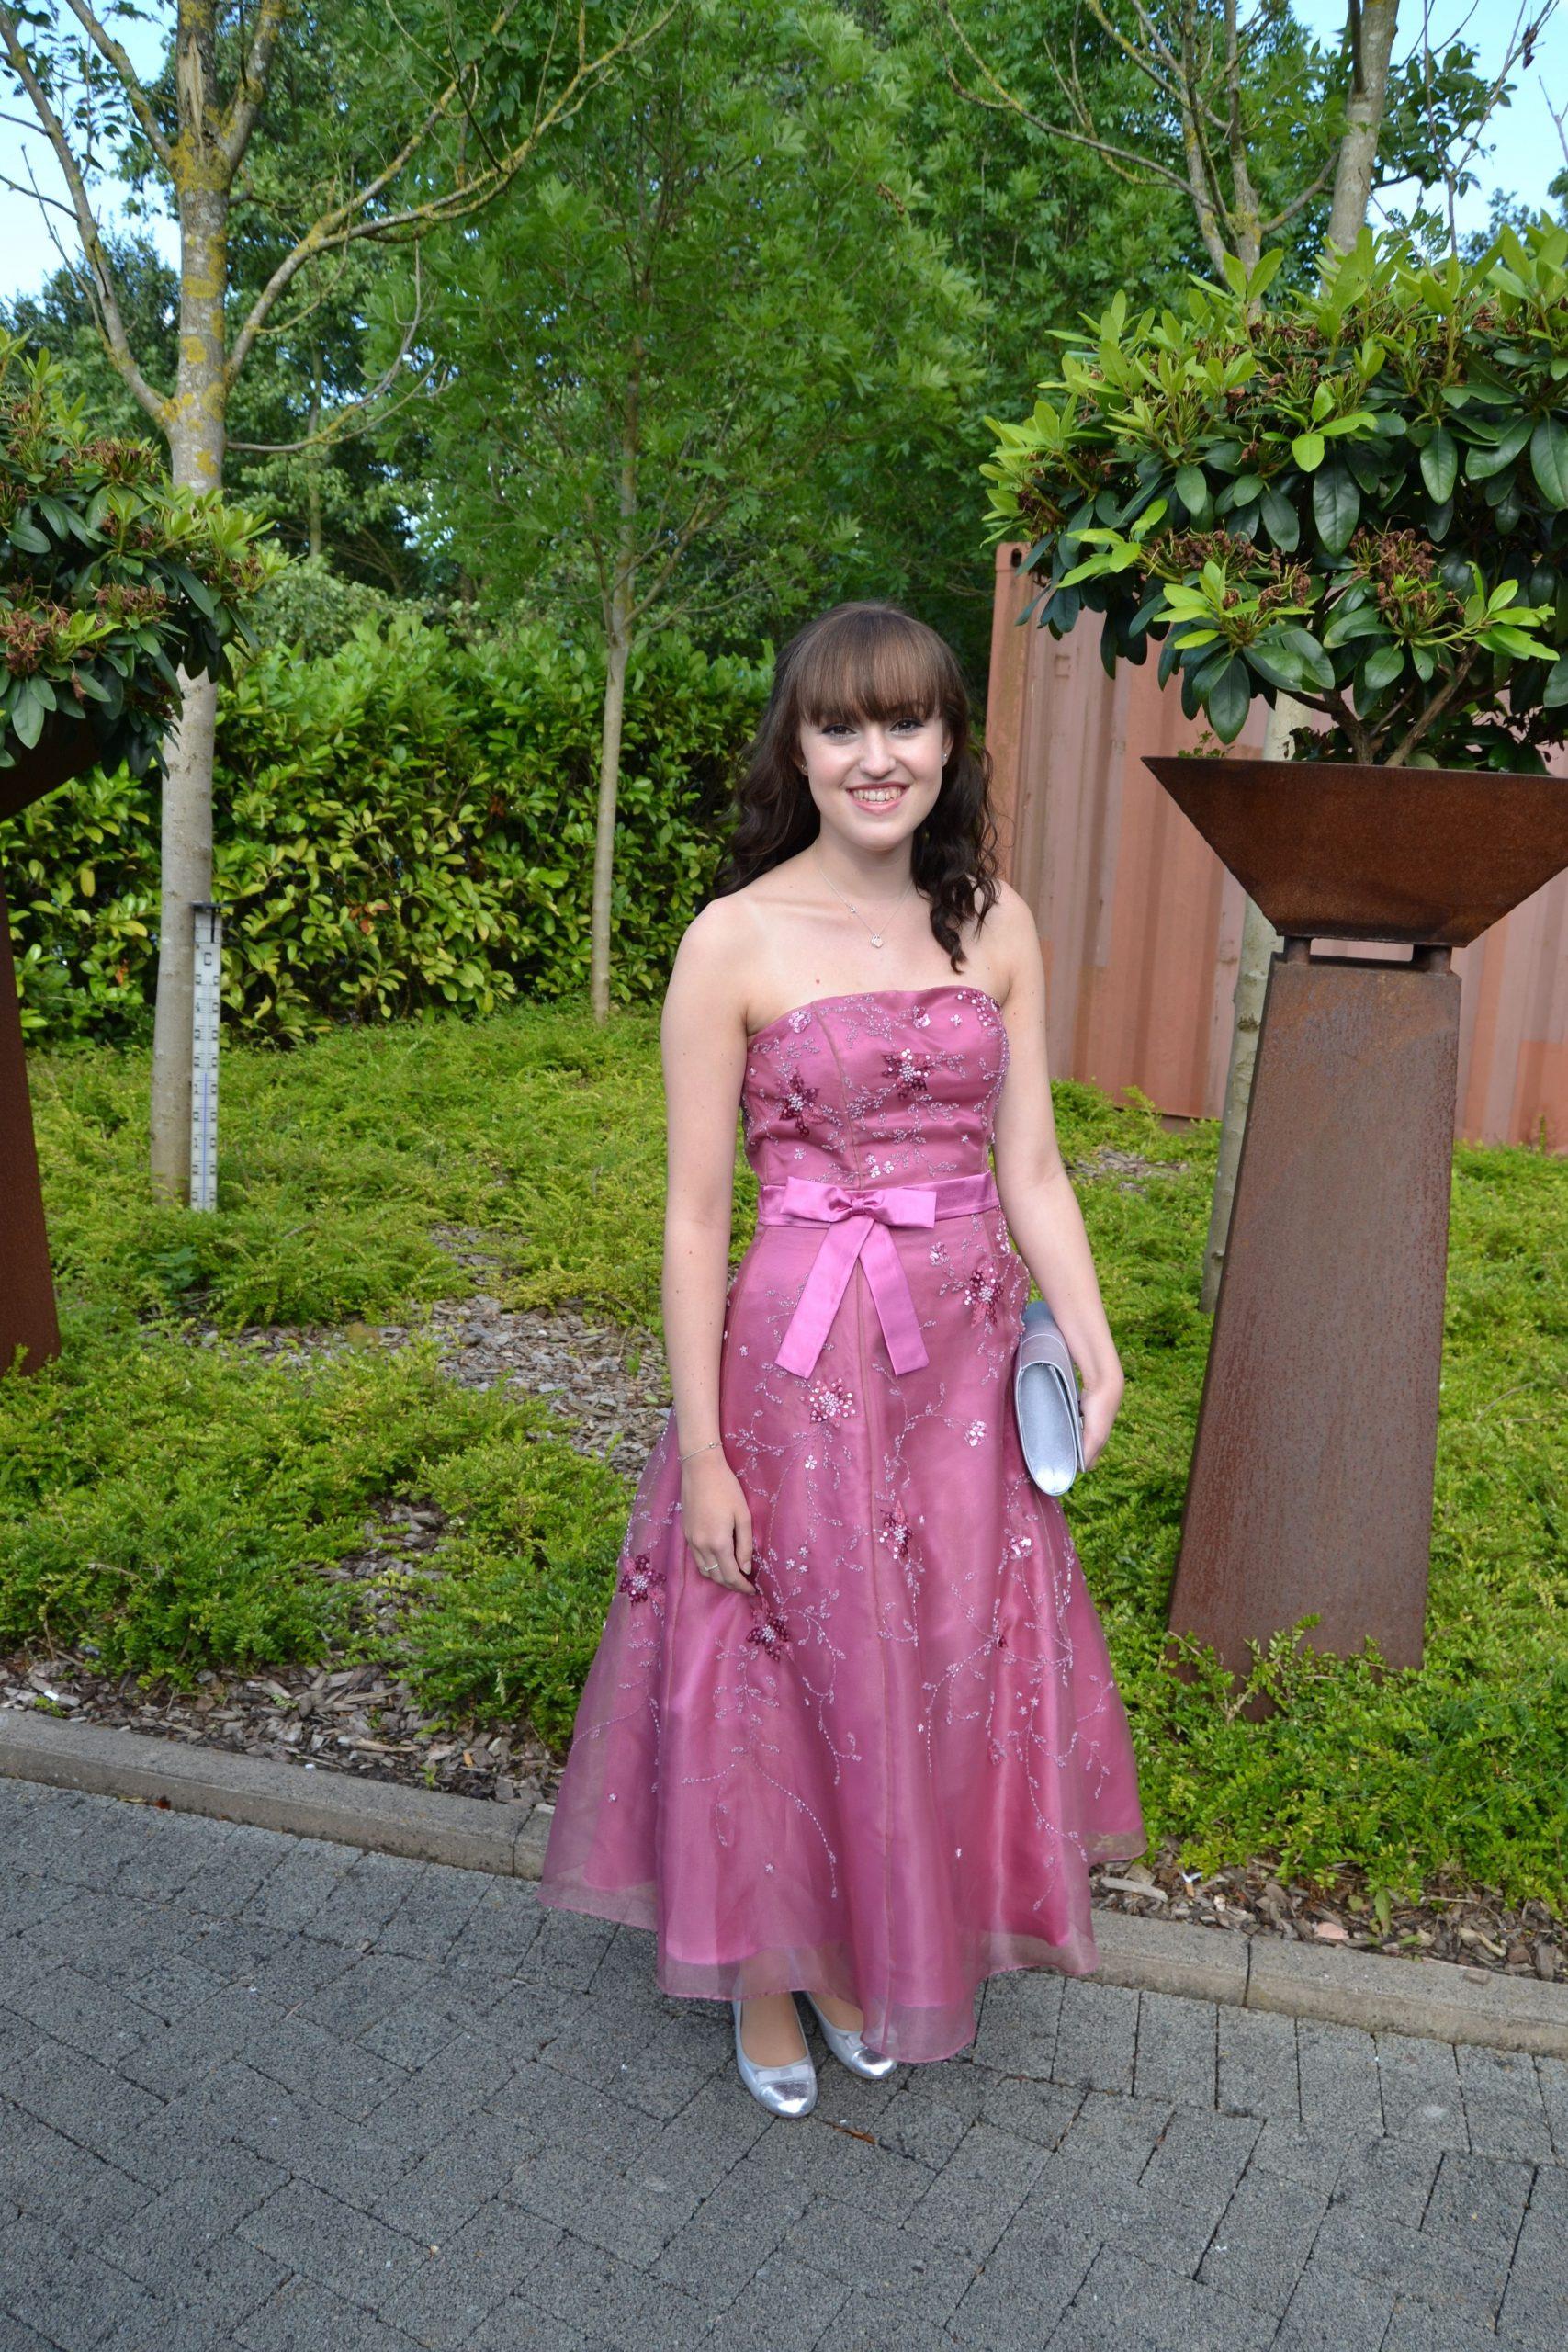 13 Einzigartig Abendkleider Cloppenburg Bester Preis20 Einfach Abendkleider Cloppenburg Boutique